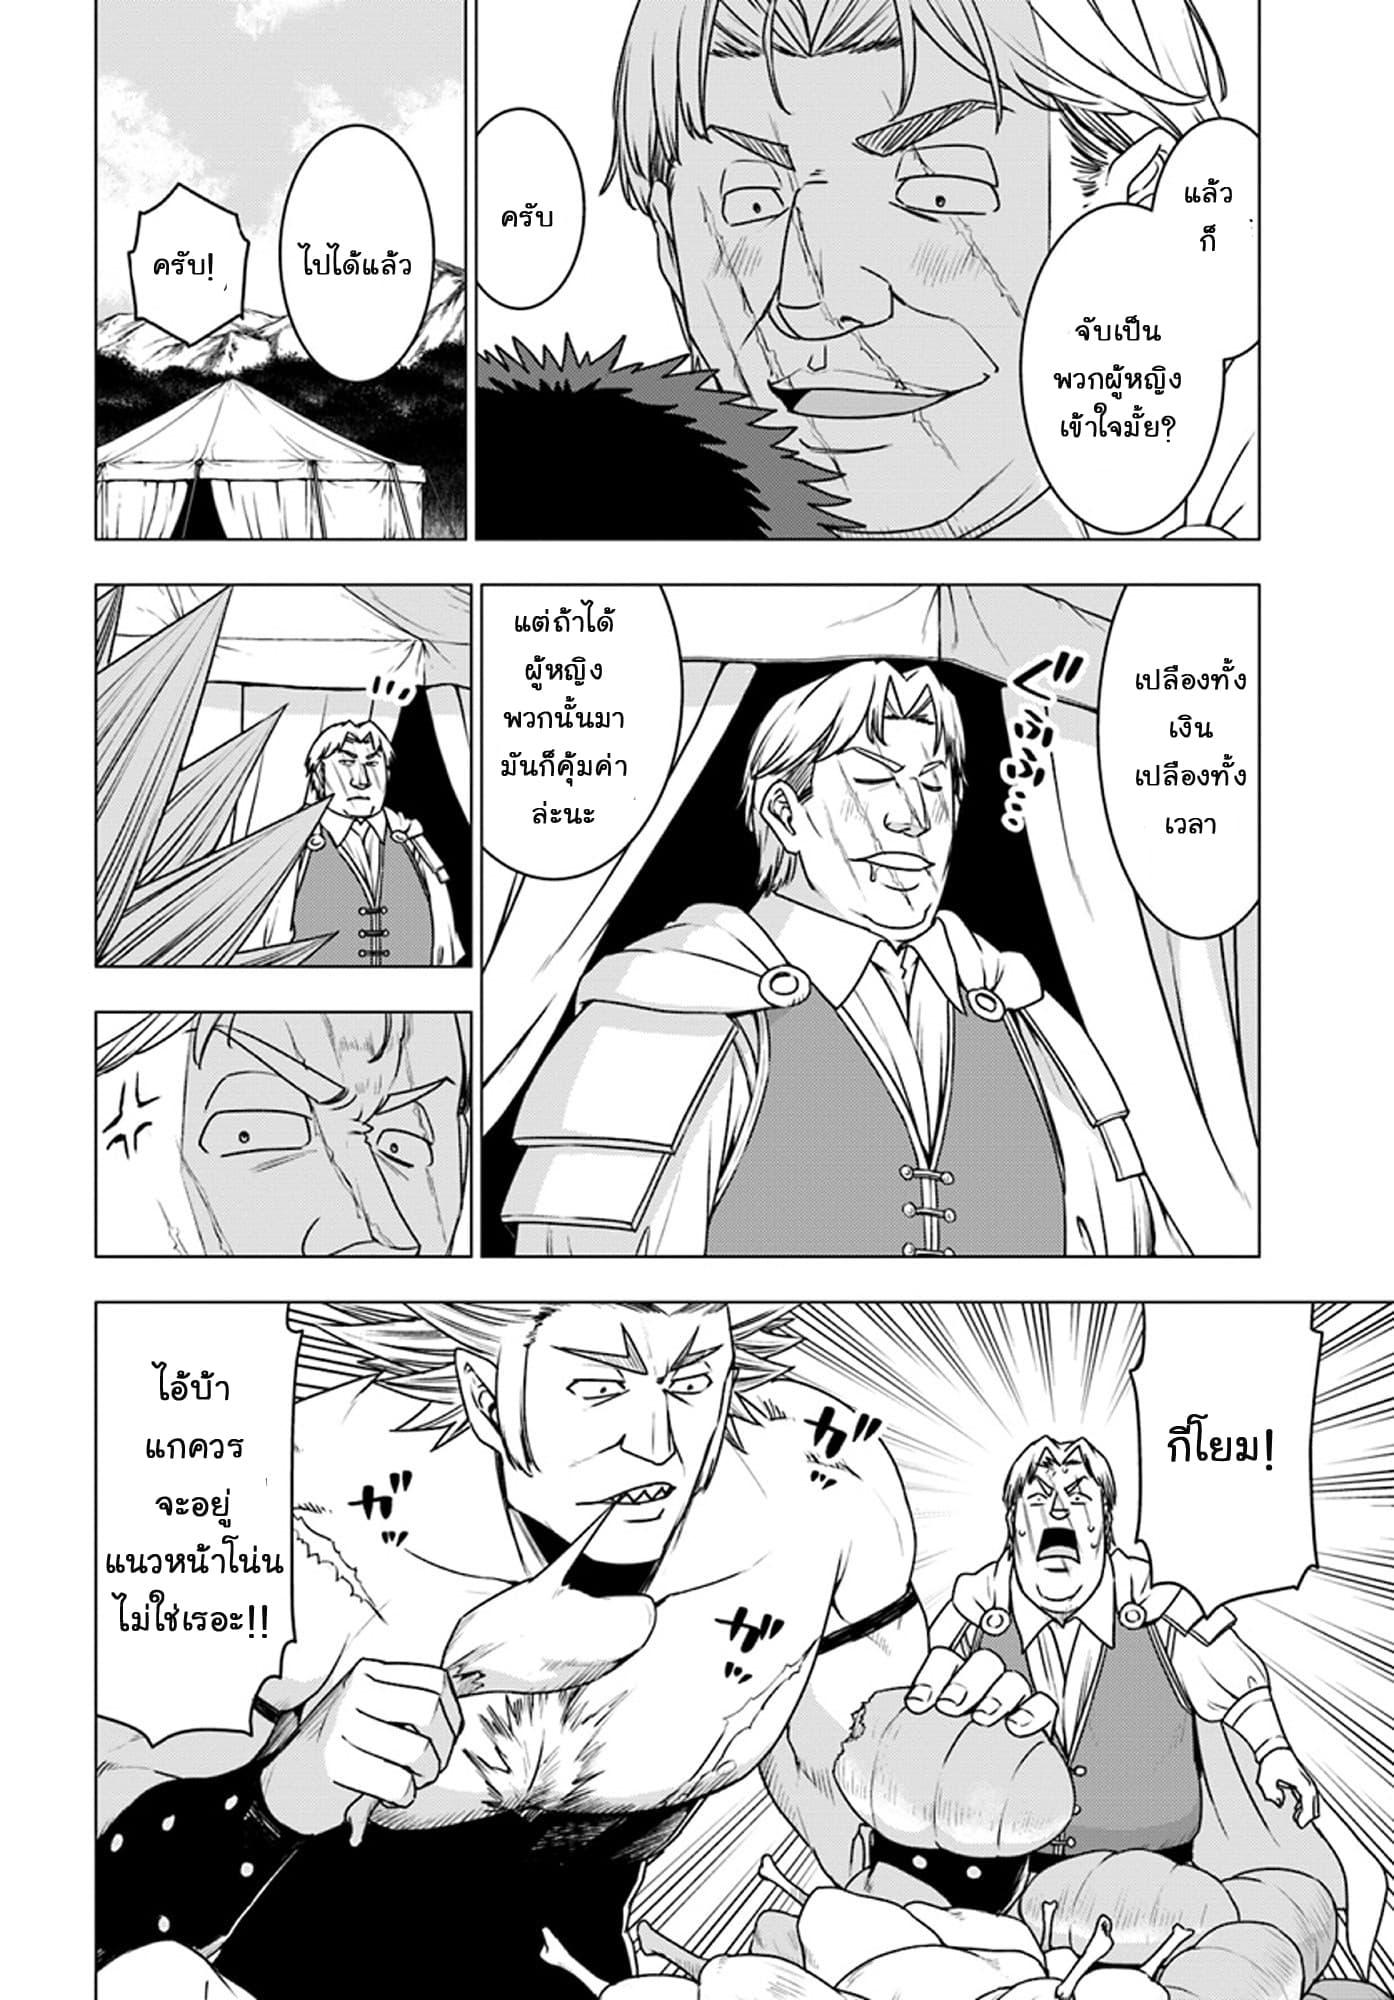 อ่านการ์ตูน Shirokuma Tensei ตอนที่ 11 หน้าที่ 18